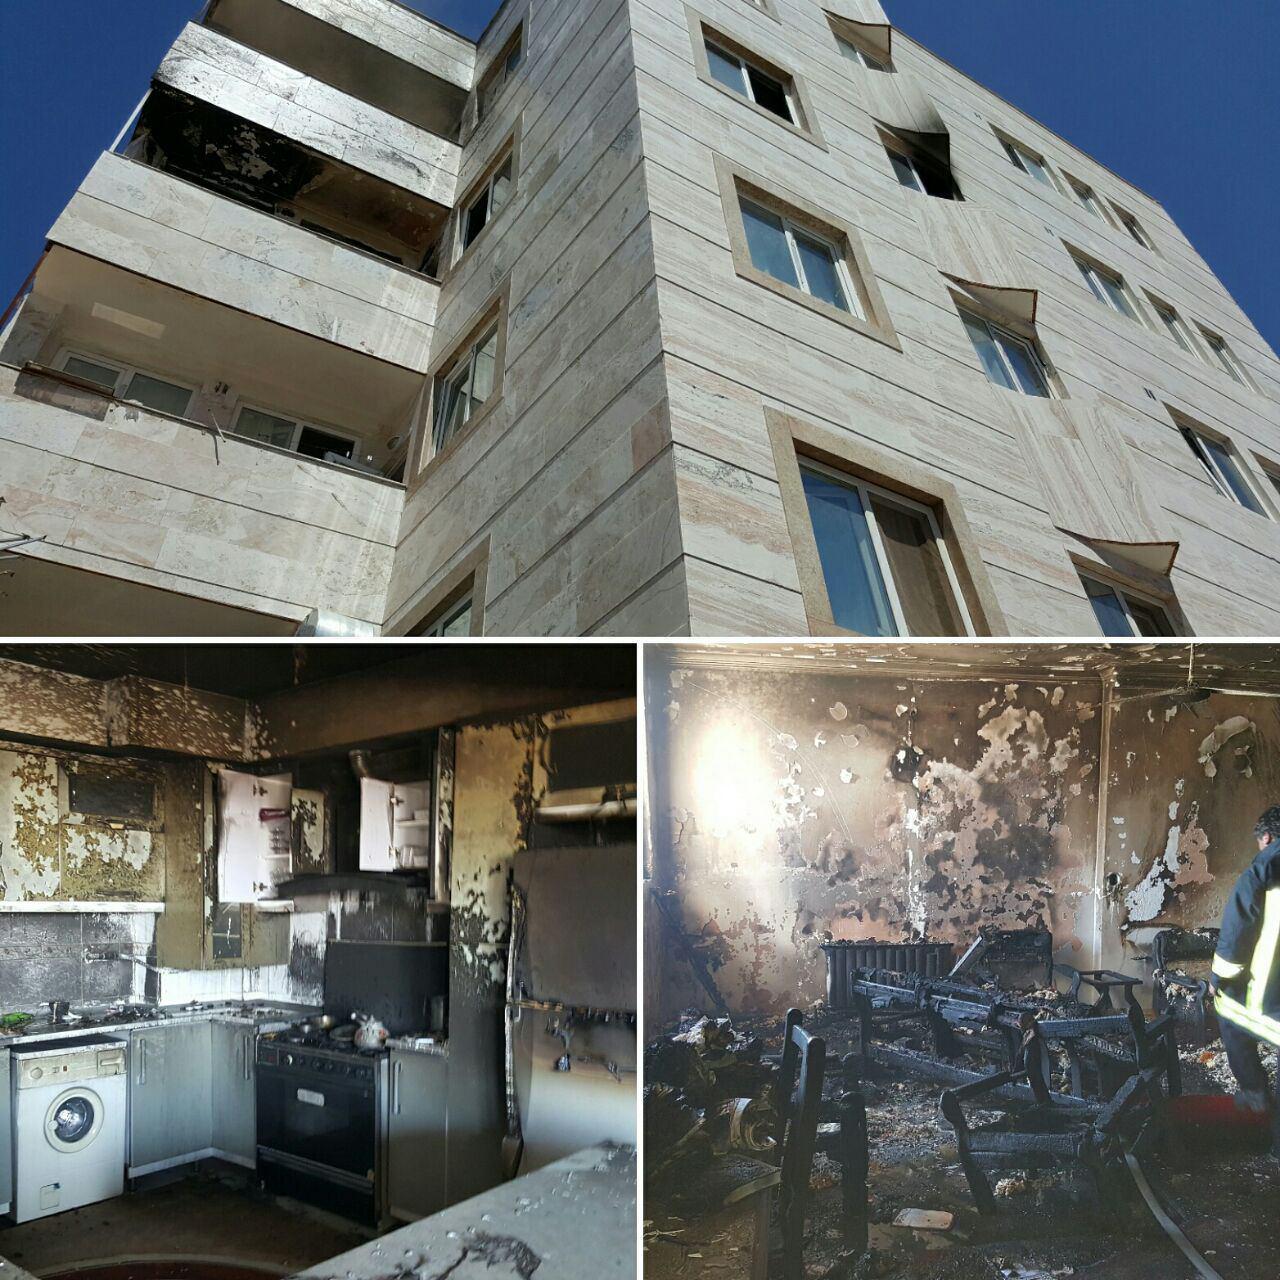 نجات 12 نفر از میان شعله های آتش + عکس